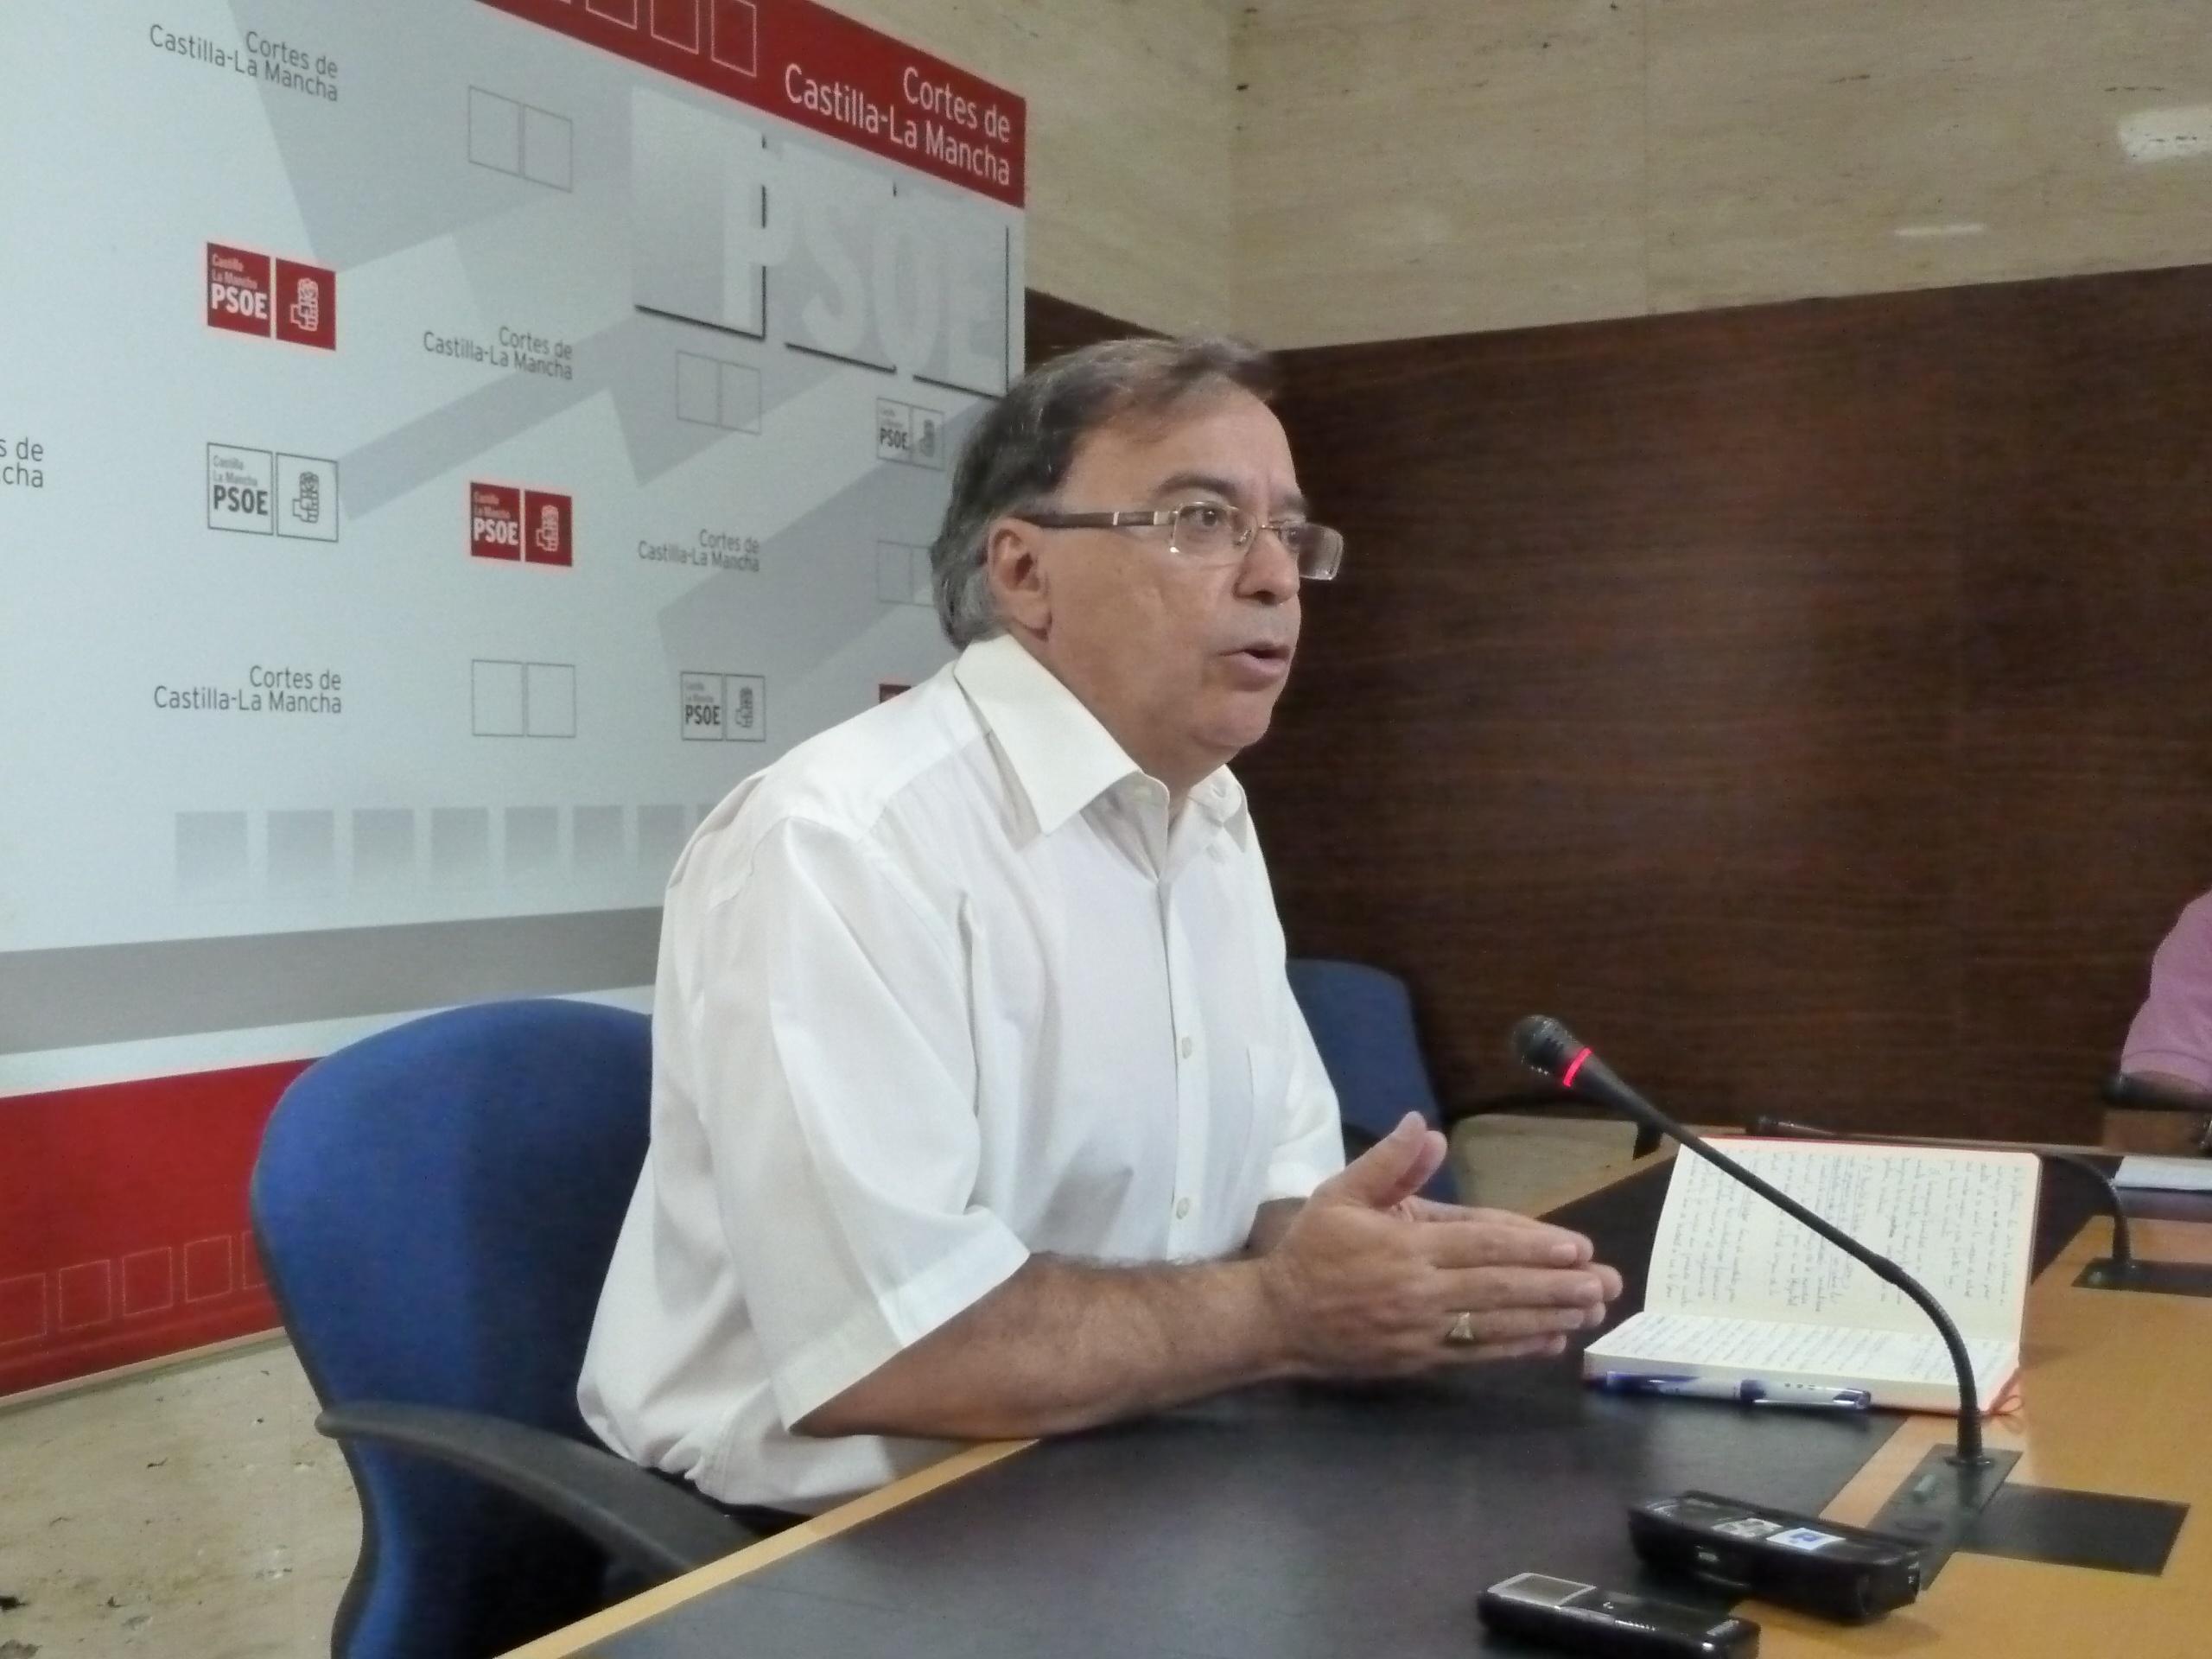 PSOE denuncia que las listas de espera no se conocen desde diciembre y recuerda que deben publicarse mes a mes